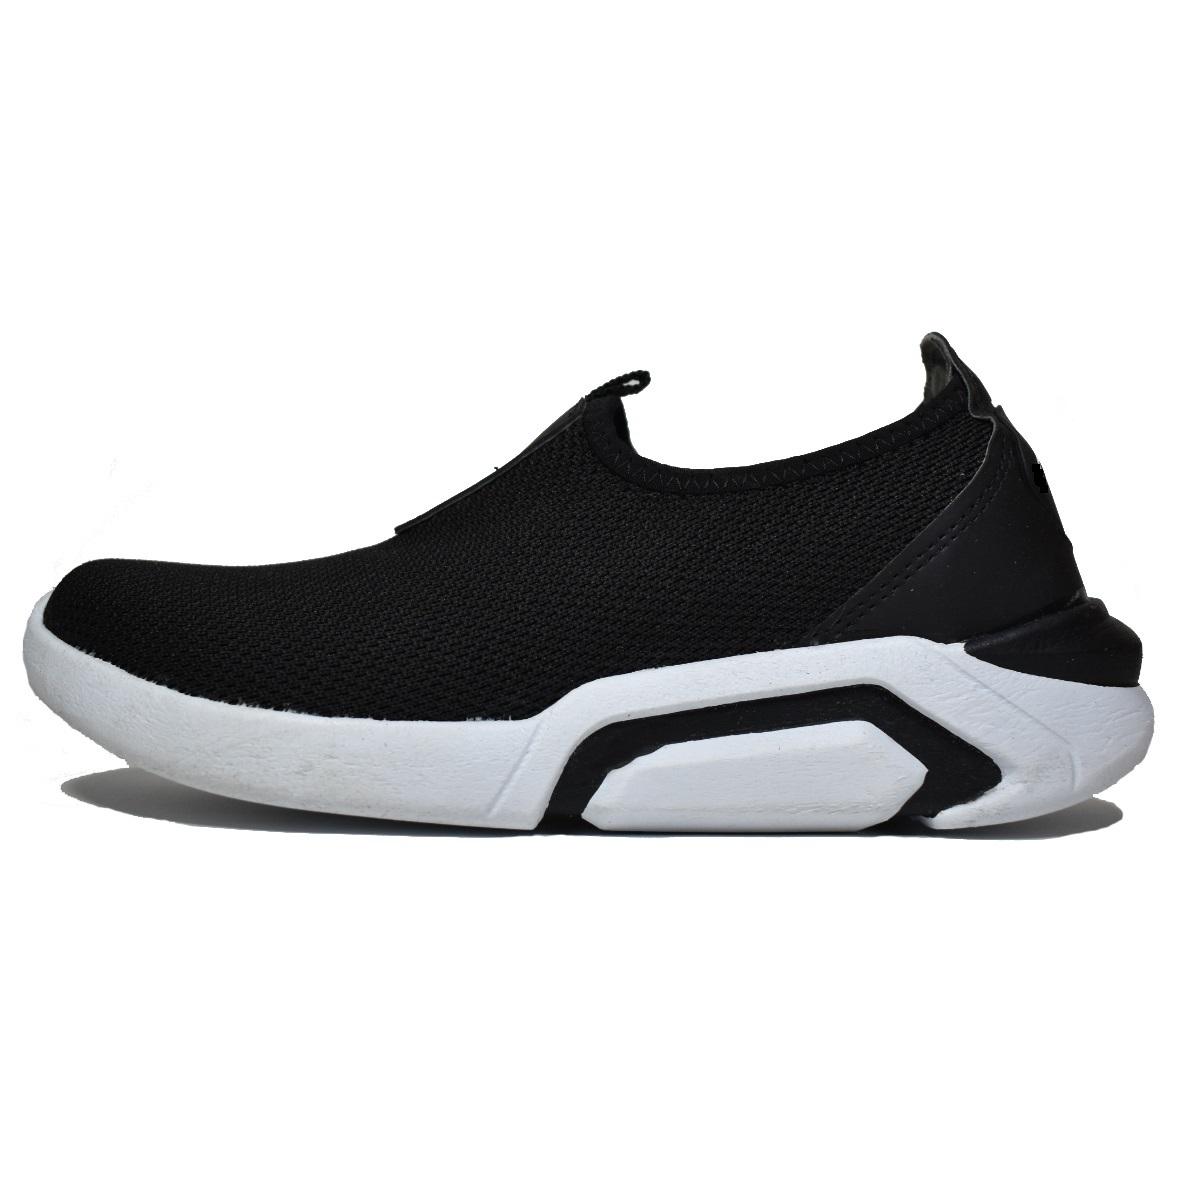 کفش مخصوص پیاده روی مردانه کد 9920